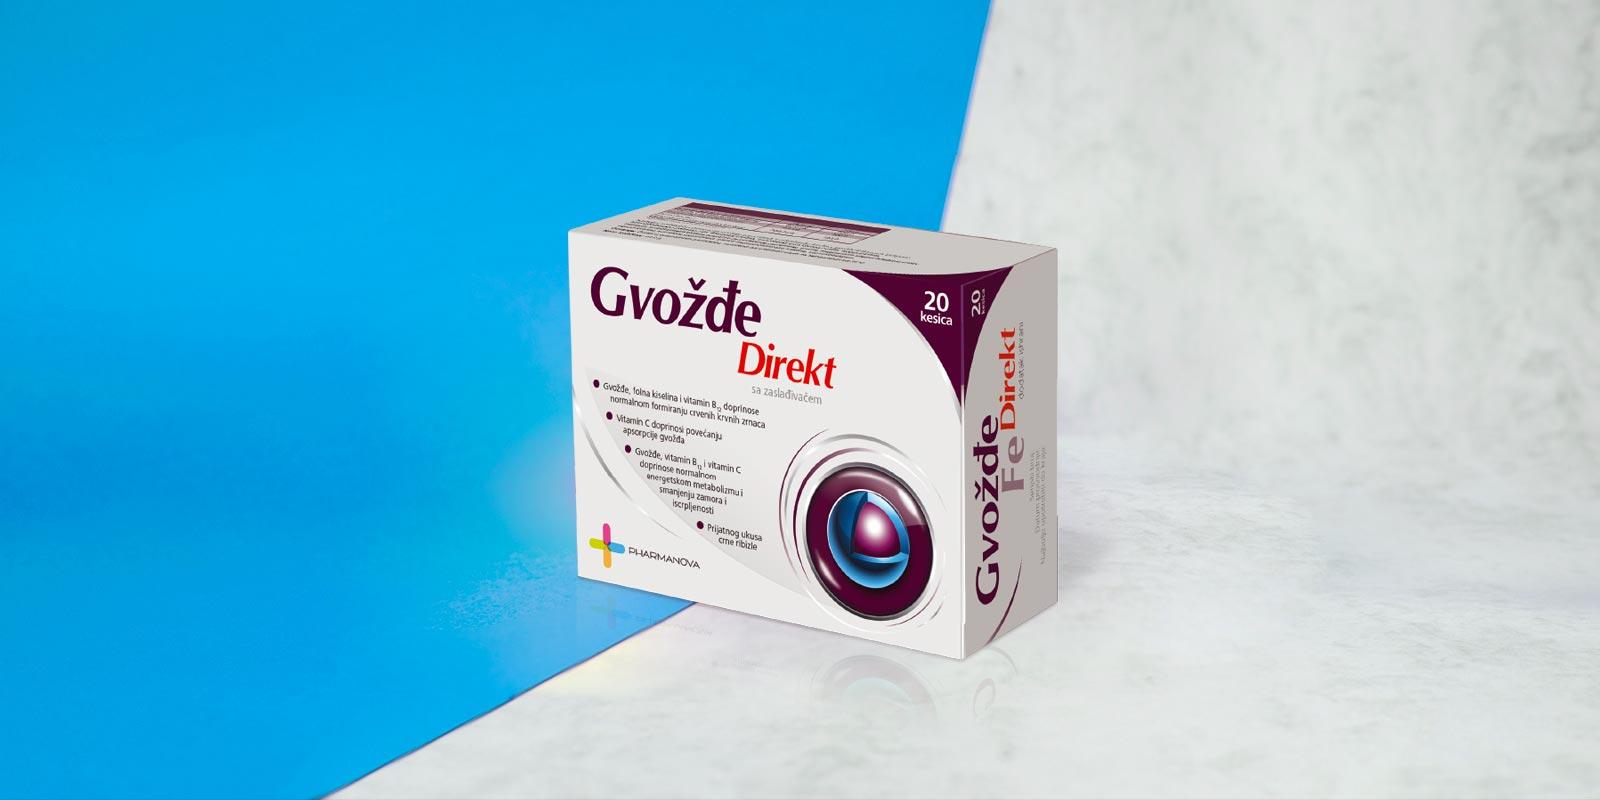 GvozdjeDirekt-1600x800